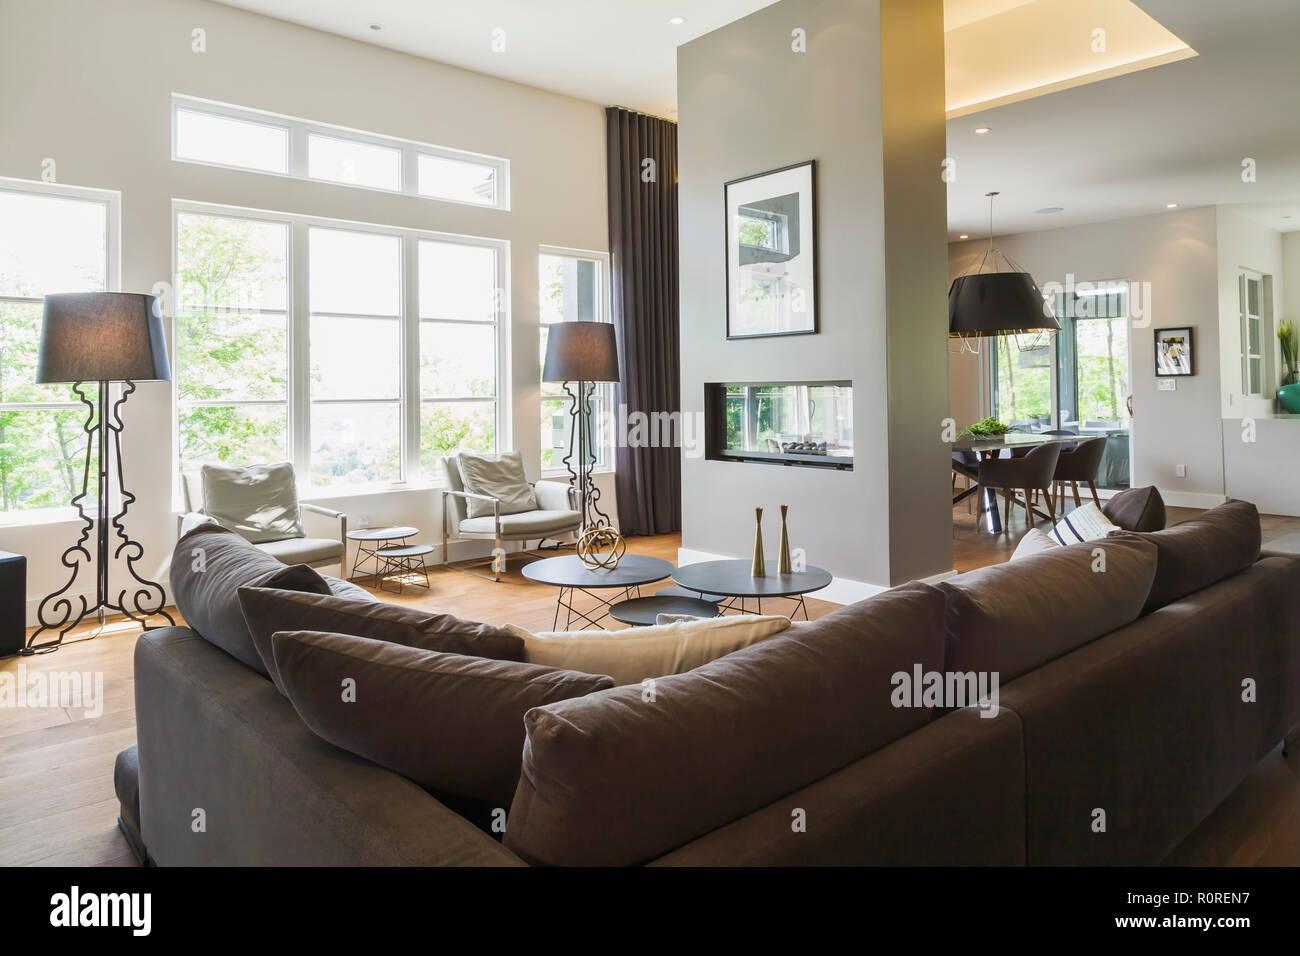 Salón dentro de una lujosa casa contemporánea, Canadá Imagen De Stock